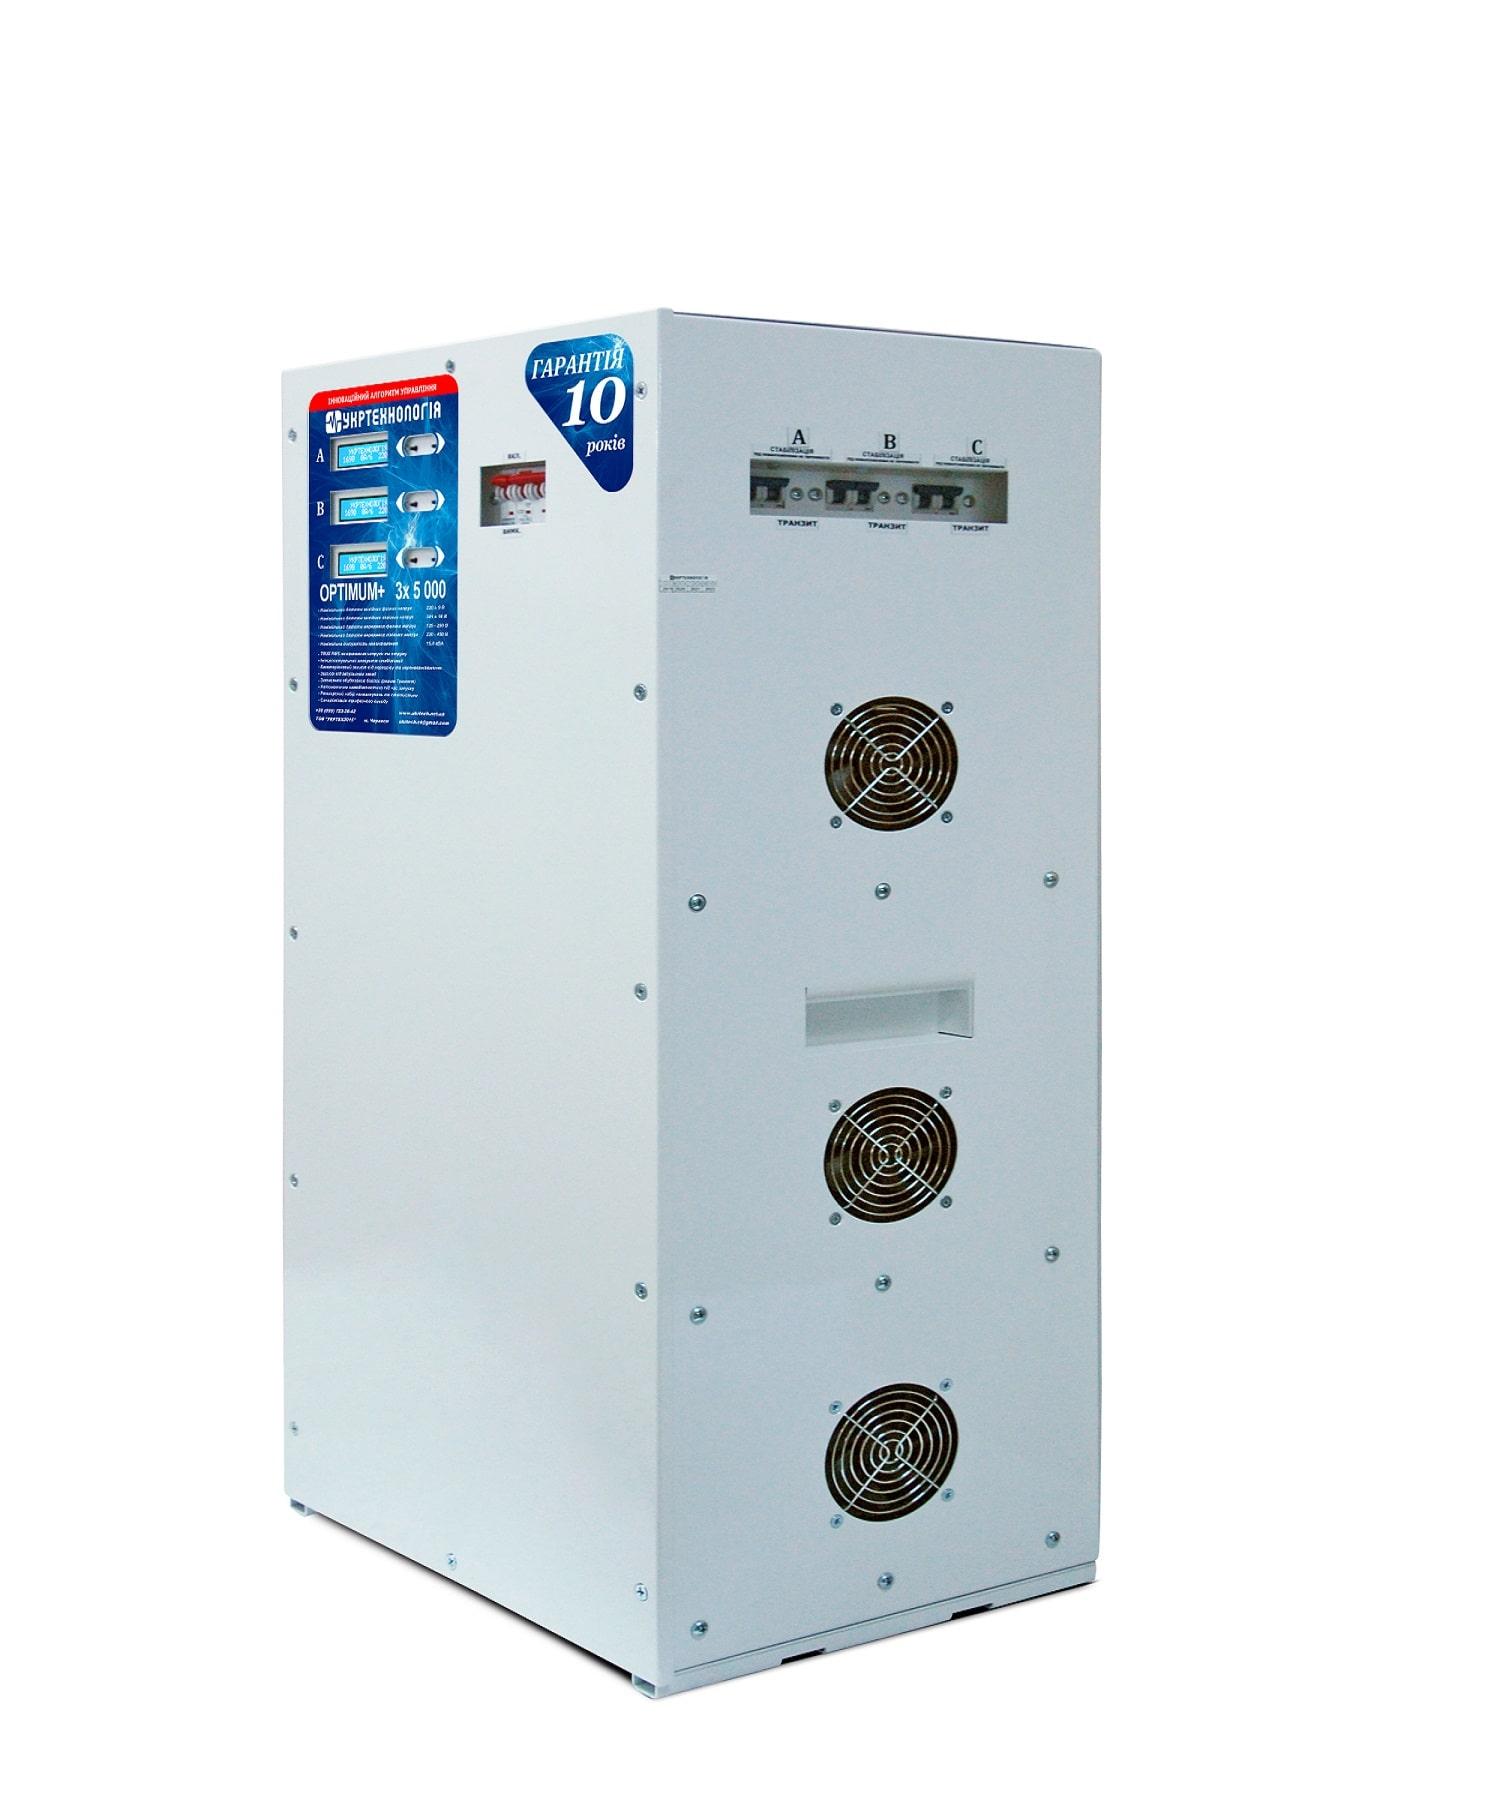 Стабилизаторы напряжения - Стабилизатор напряжения 5 кВт х 3 OPTIMUM 000001490 - Фото 1